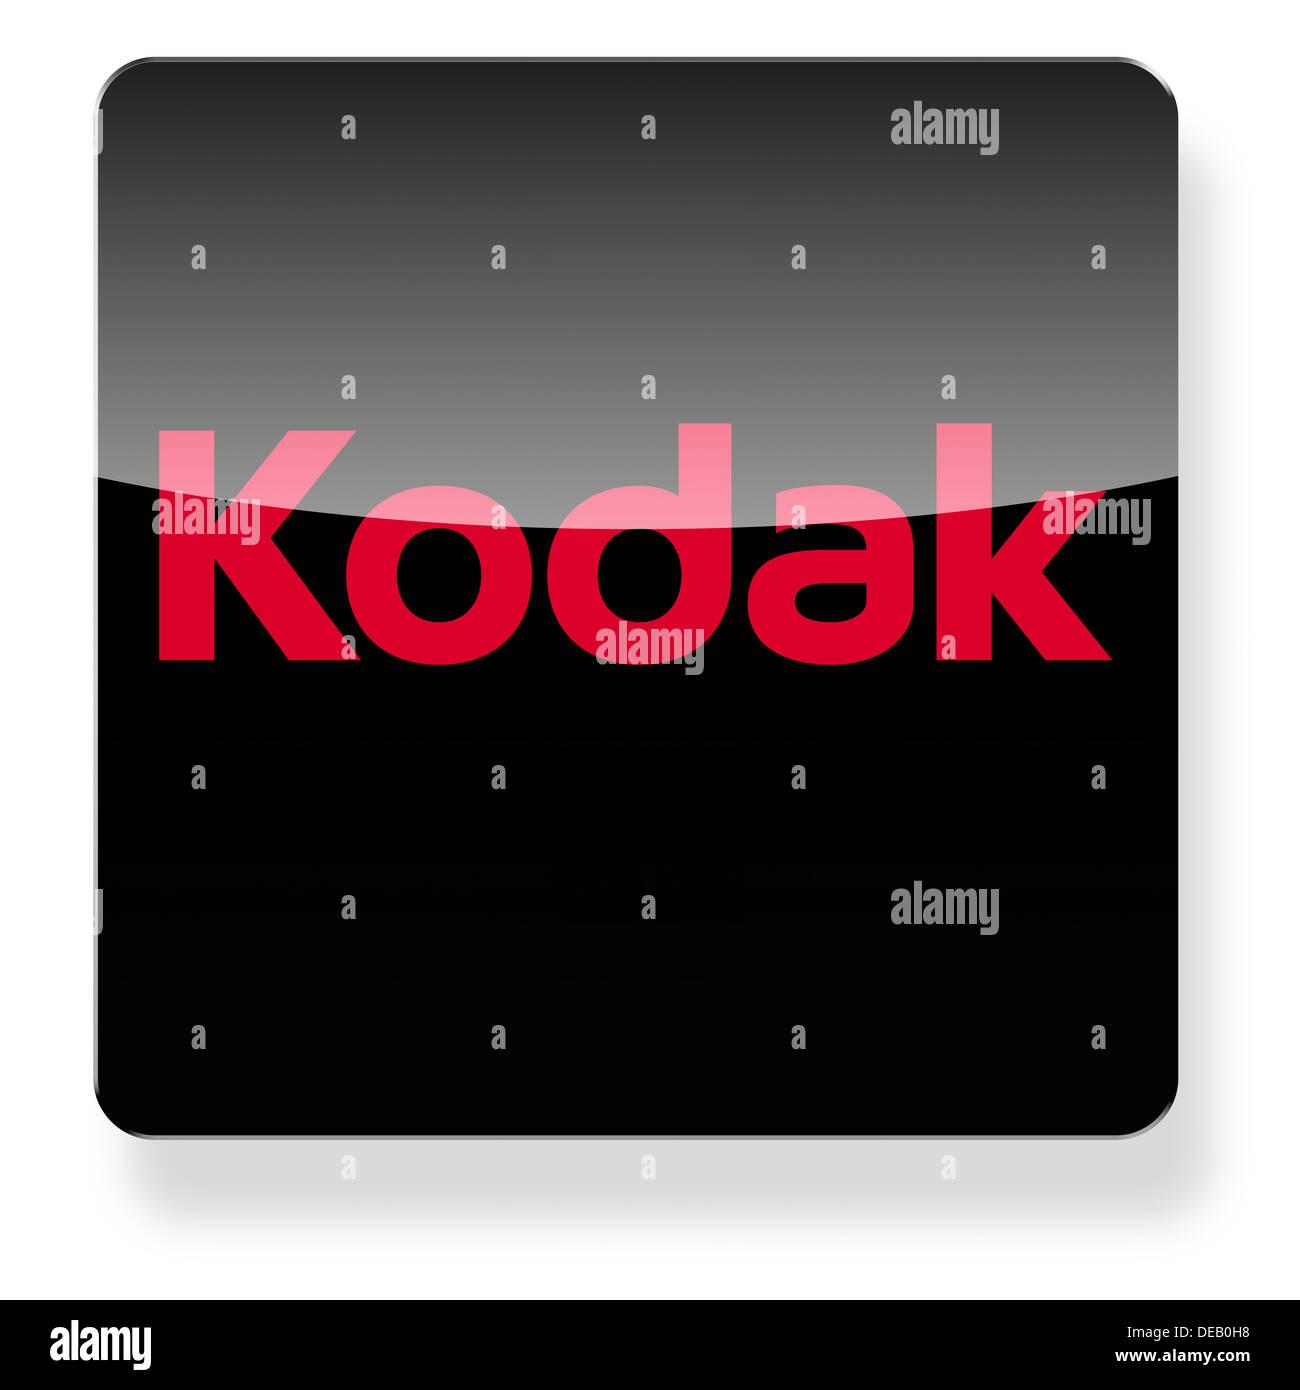 Logo Kodak comme une icône de l'application. Chemin de détourage inclus. Photo Stock